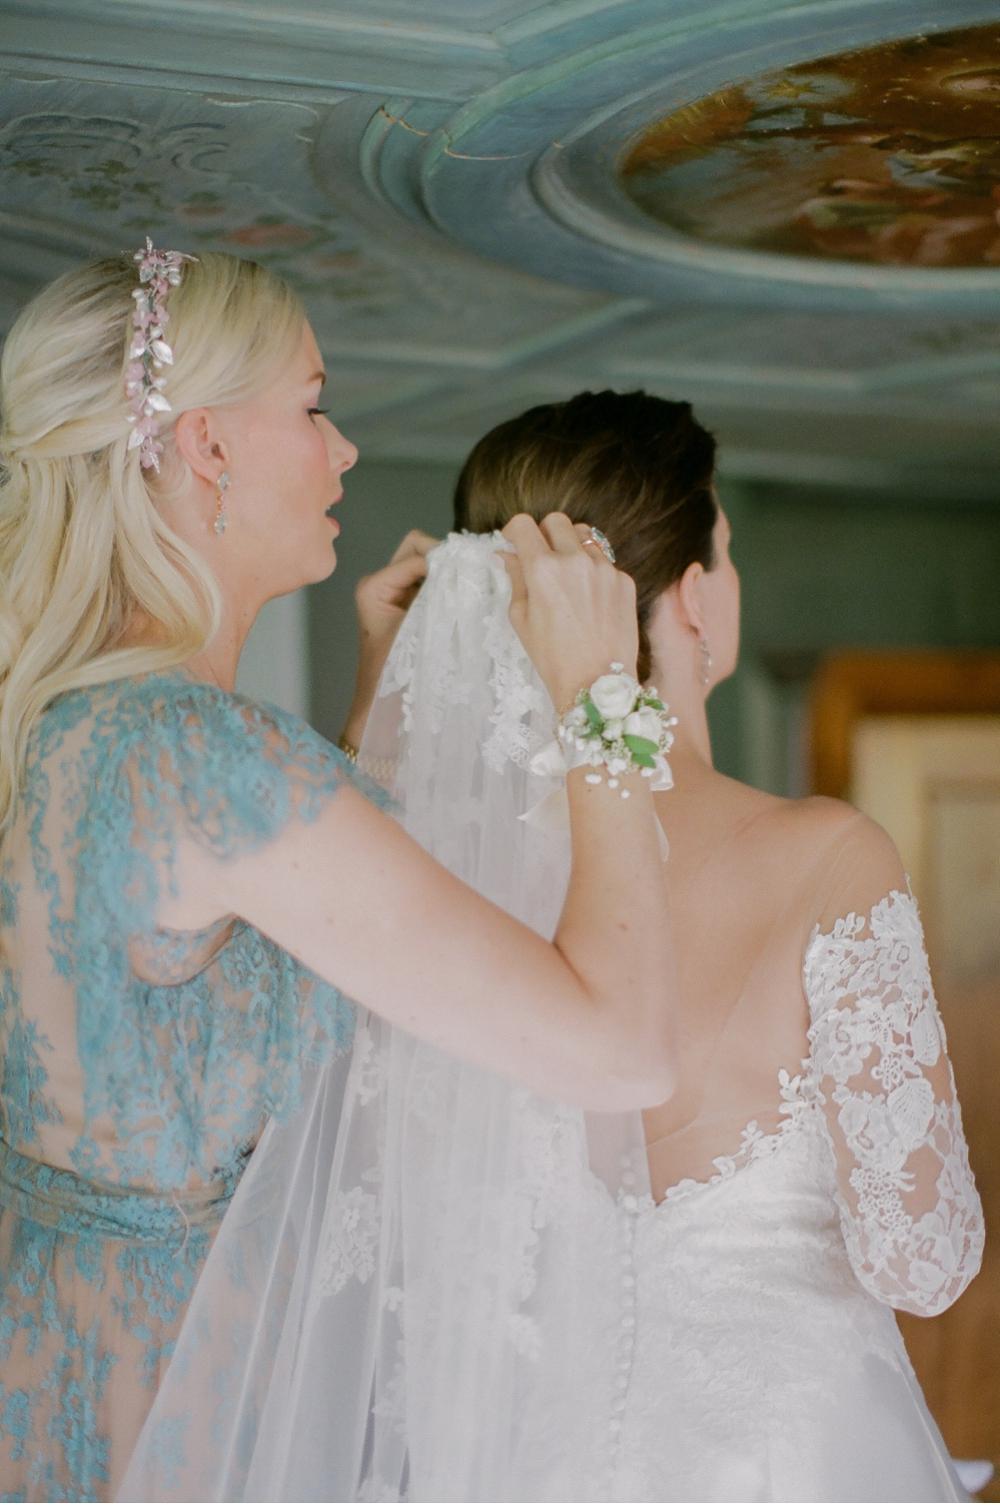 Hochzeitsfotograf_Voralberg_Bregenz_Bodensee©MadalinaSheldon__0017.jpg